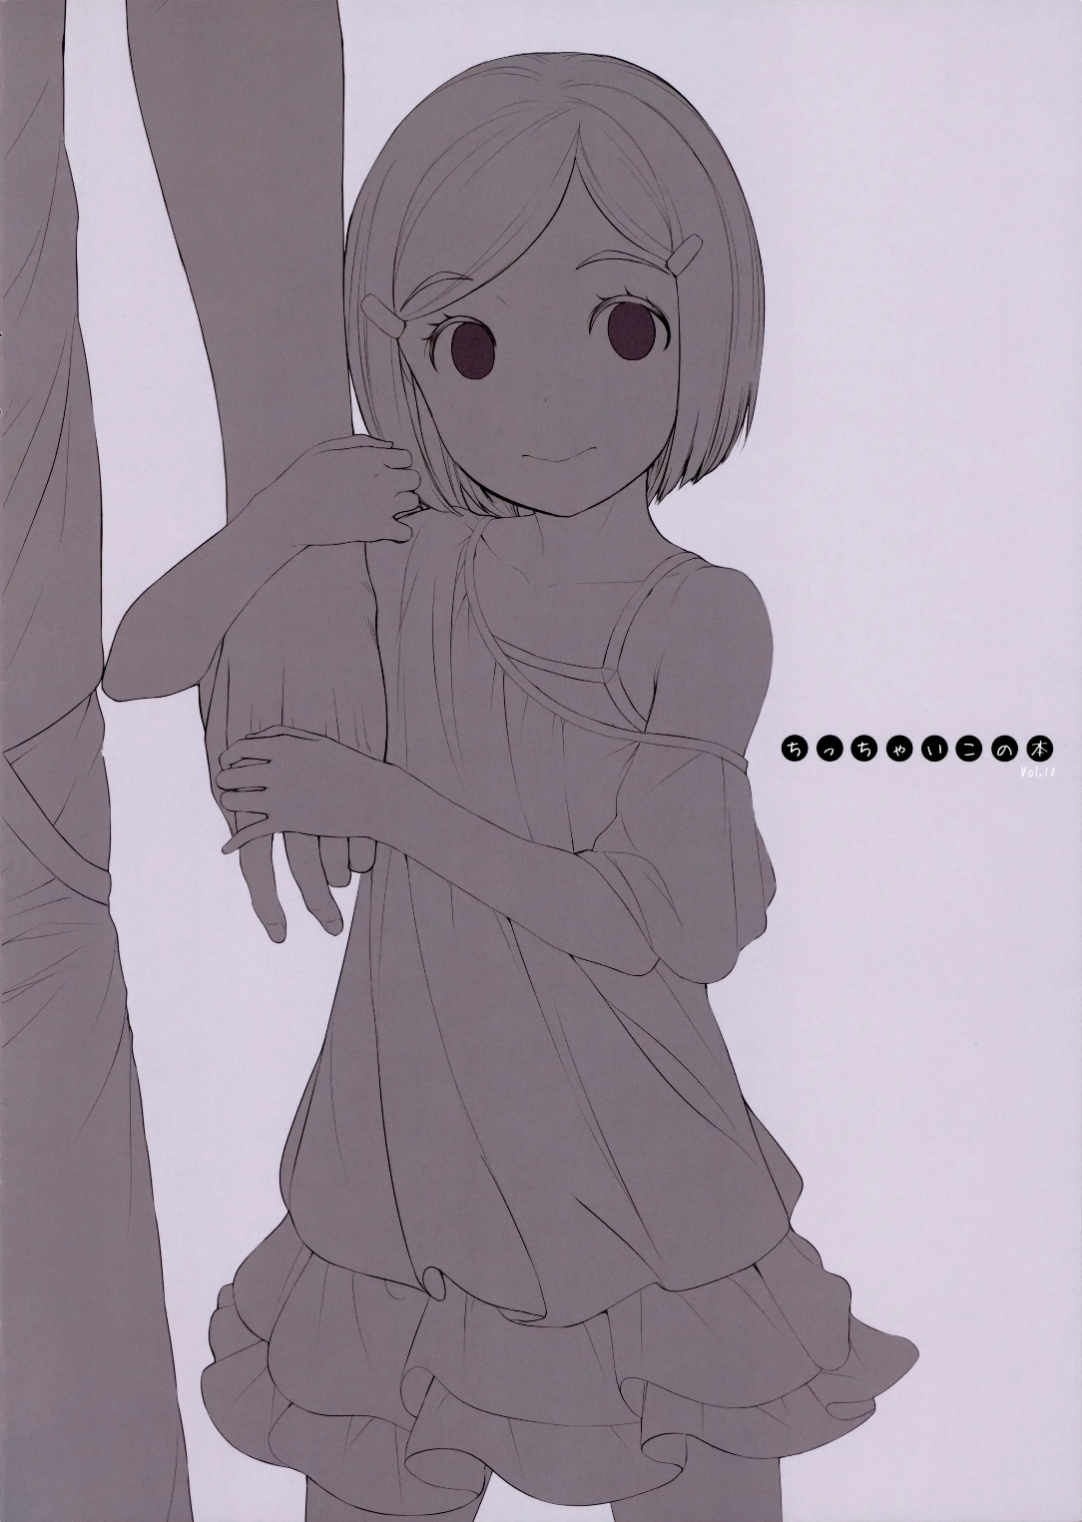 HentaiVN.net - Ảnh 3 - Cuốn sách nhỏ của tôi. - Chicchai Ko no Hon Vol. 10 - Teri ăn nhạt